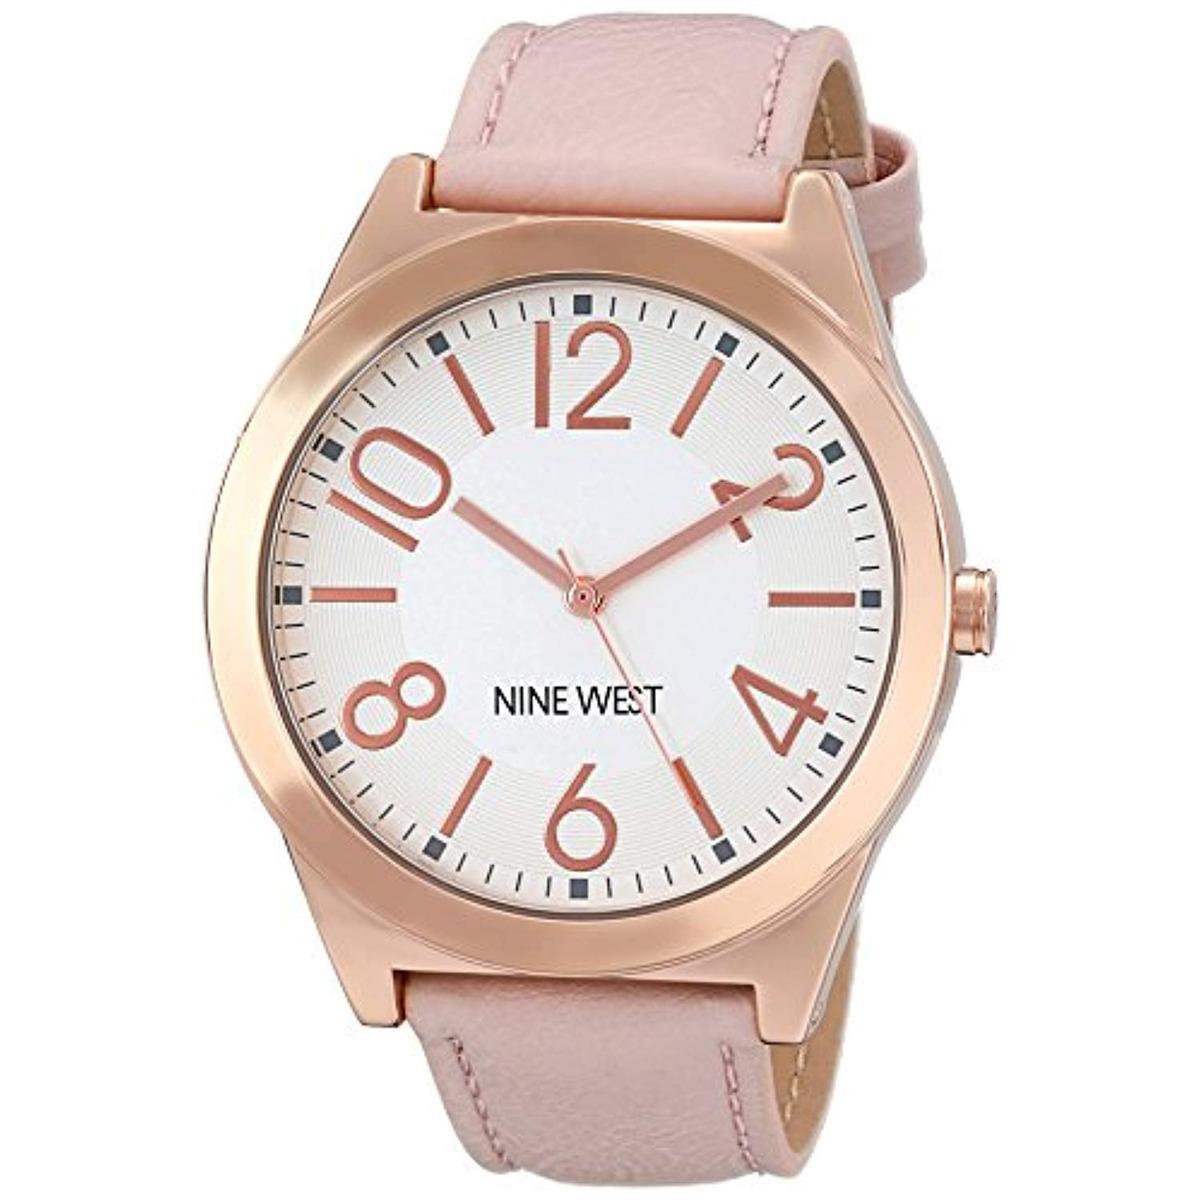 2524fe53497 Reloj Mujer De Pulsera Nine West Para Mujer - $ 1,710.45 en Mercado ...